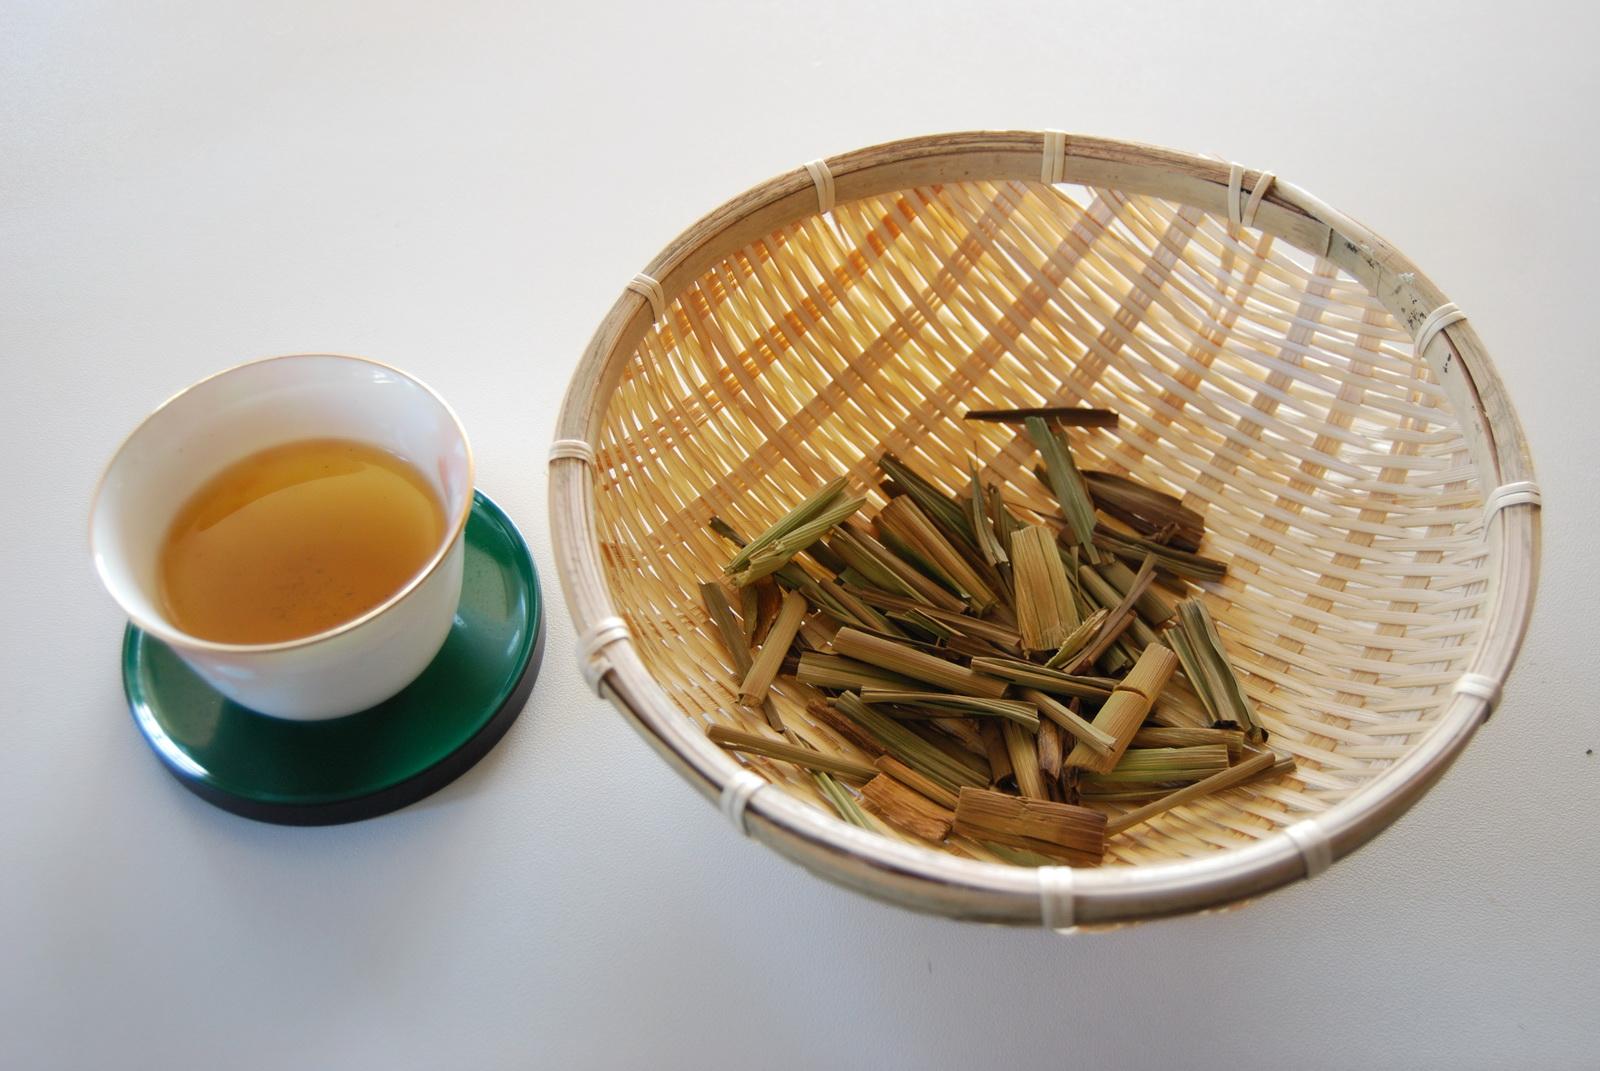 マコモ茶と茶葉 small